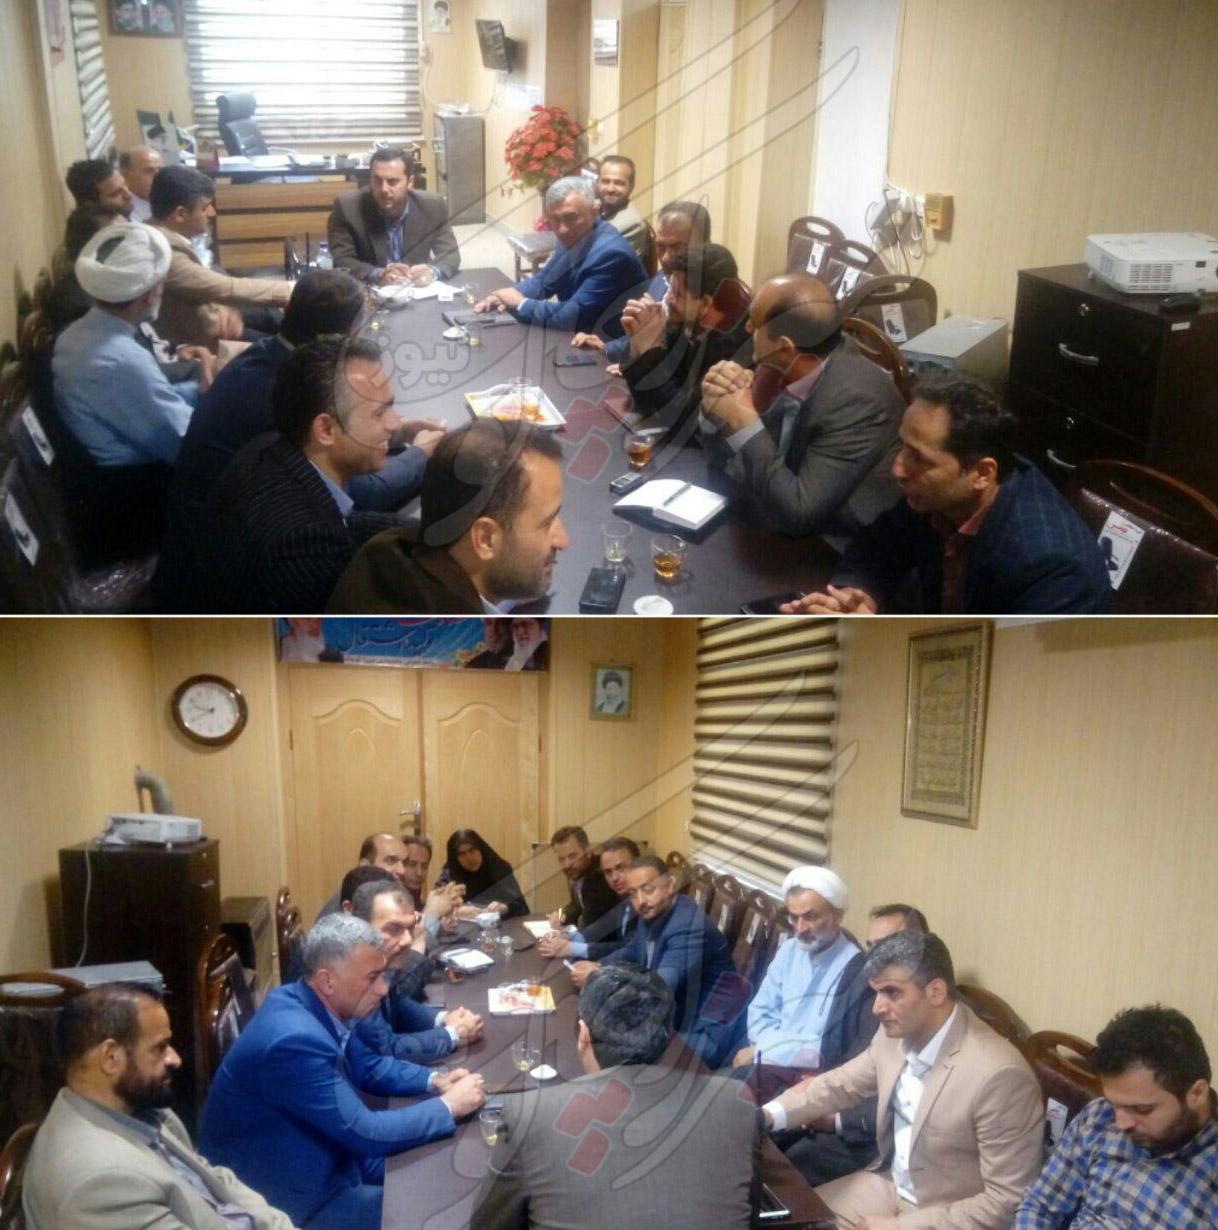 جدول زمان و مکان سخنرانی نامزدهای شورای شهر گوراب زرمیخ